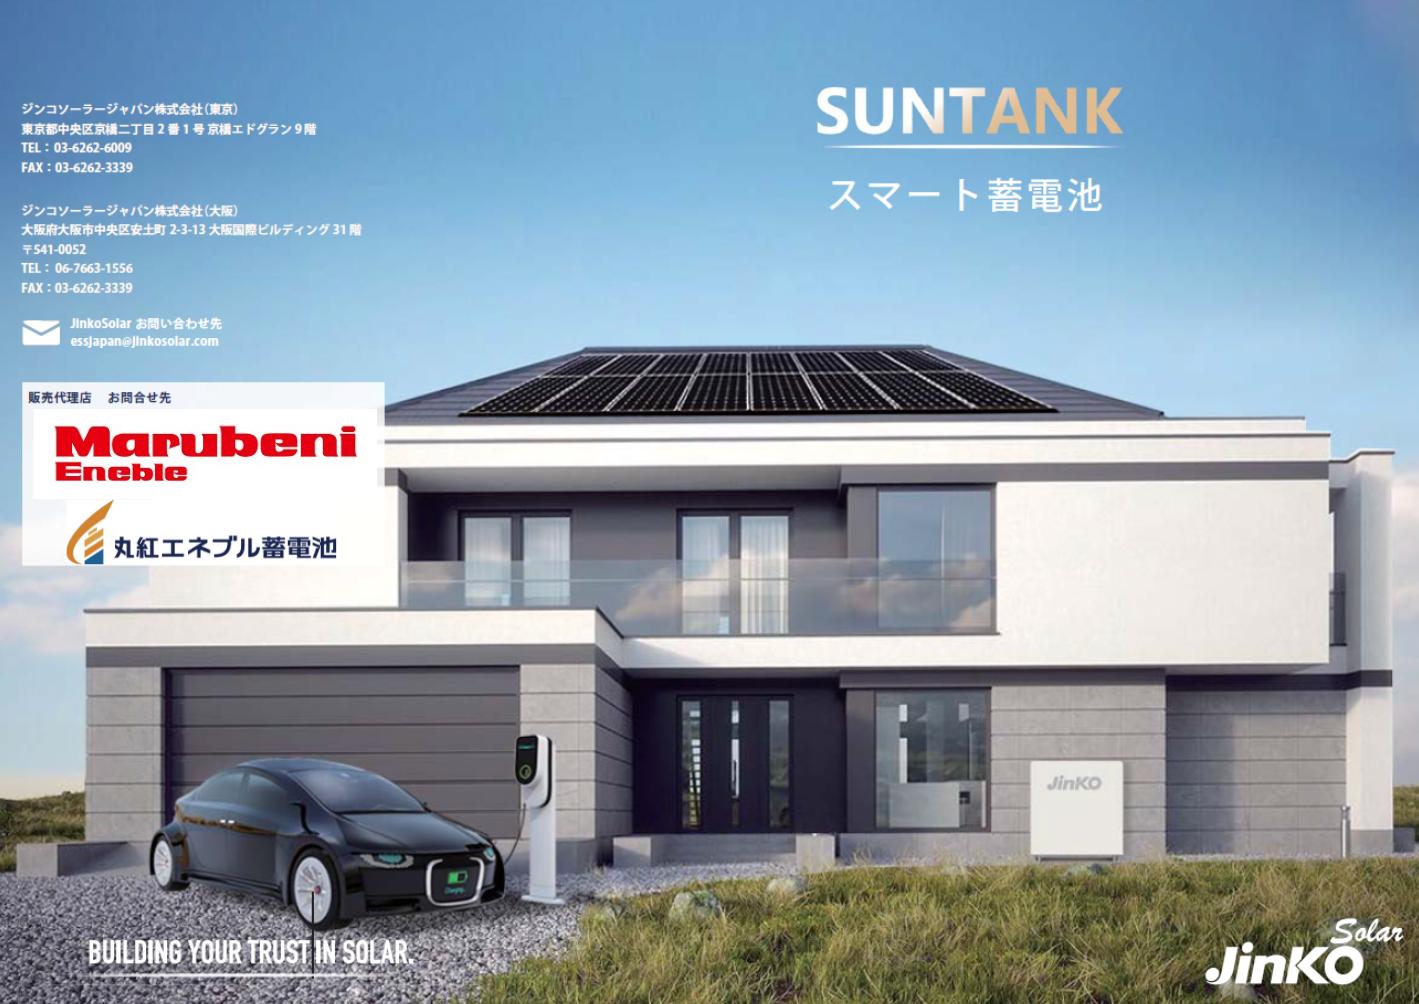 ジンコソーラー蓄電池「SUNTANK」の特徴(国内代理店:丸紅エネブル)